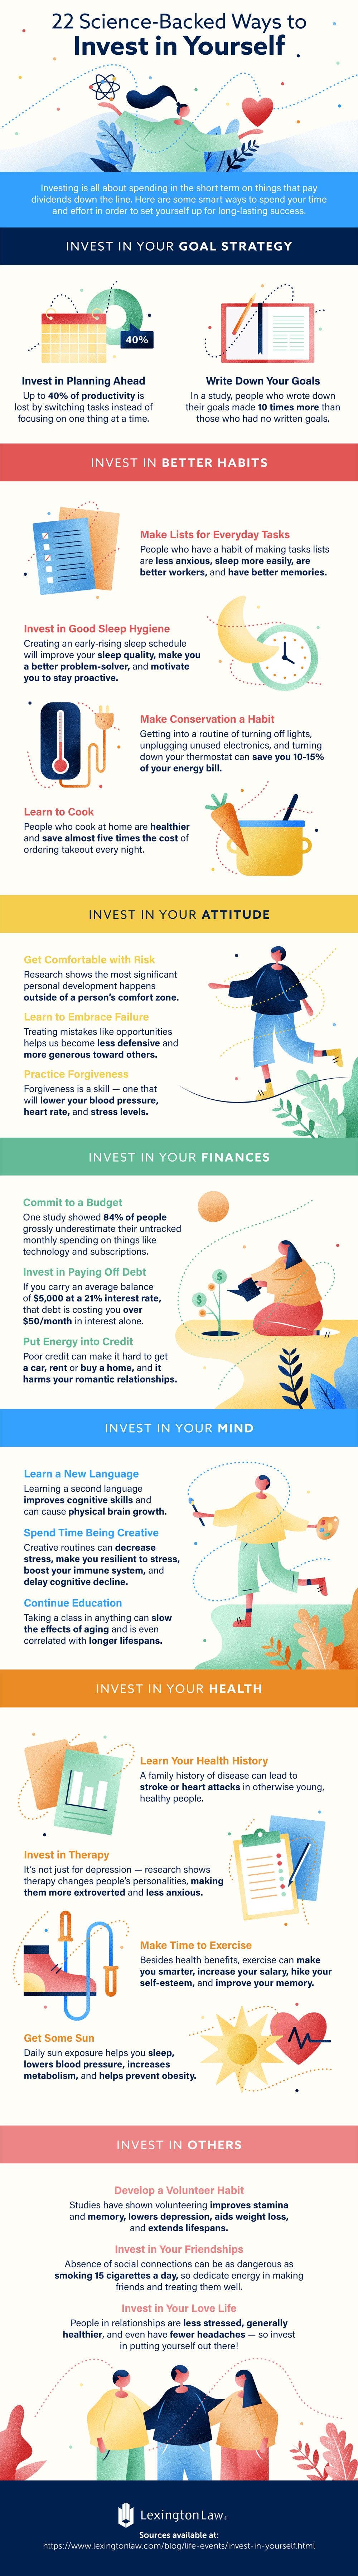 22 Ways to Invest